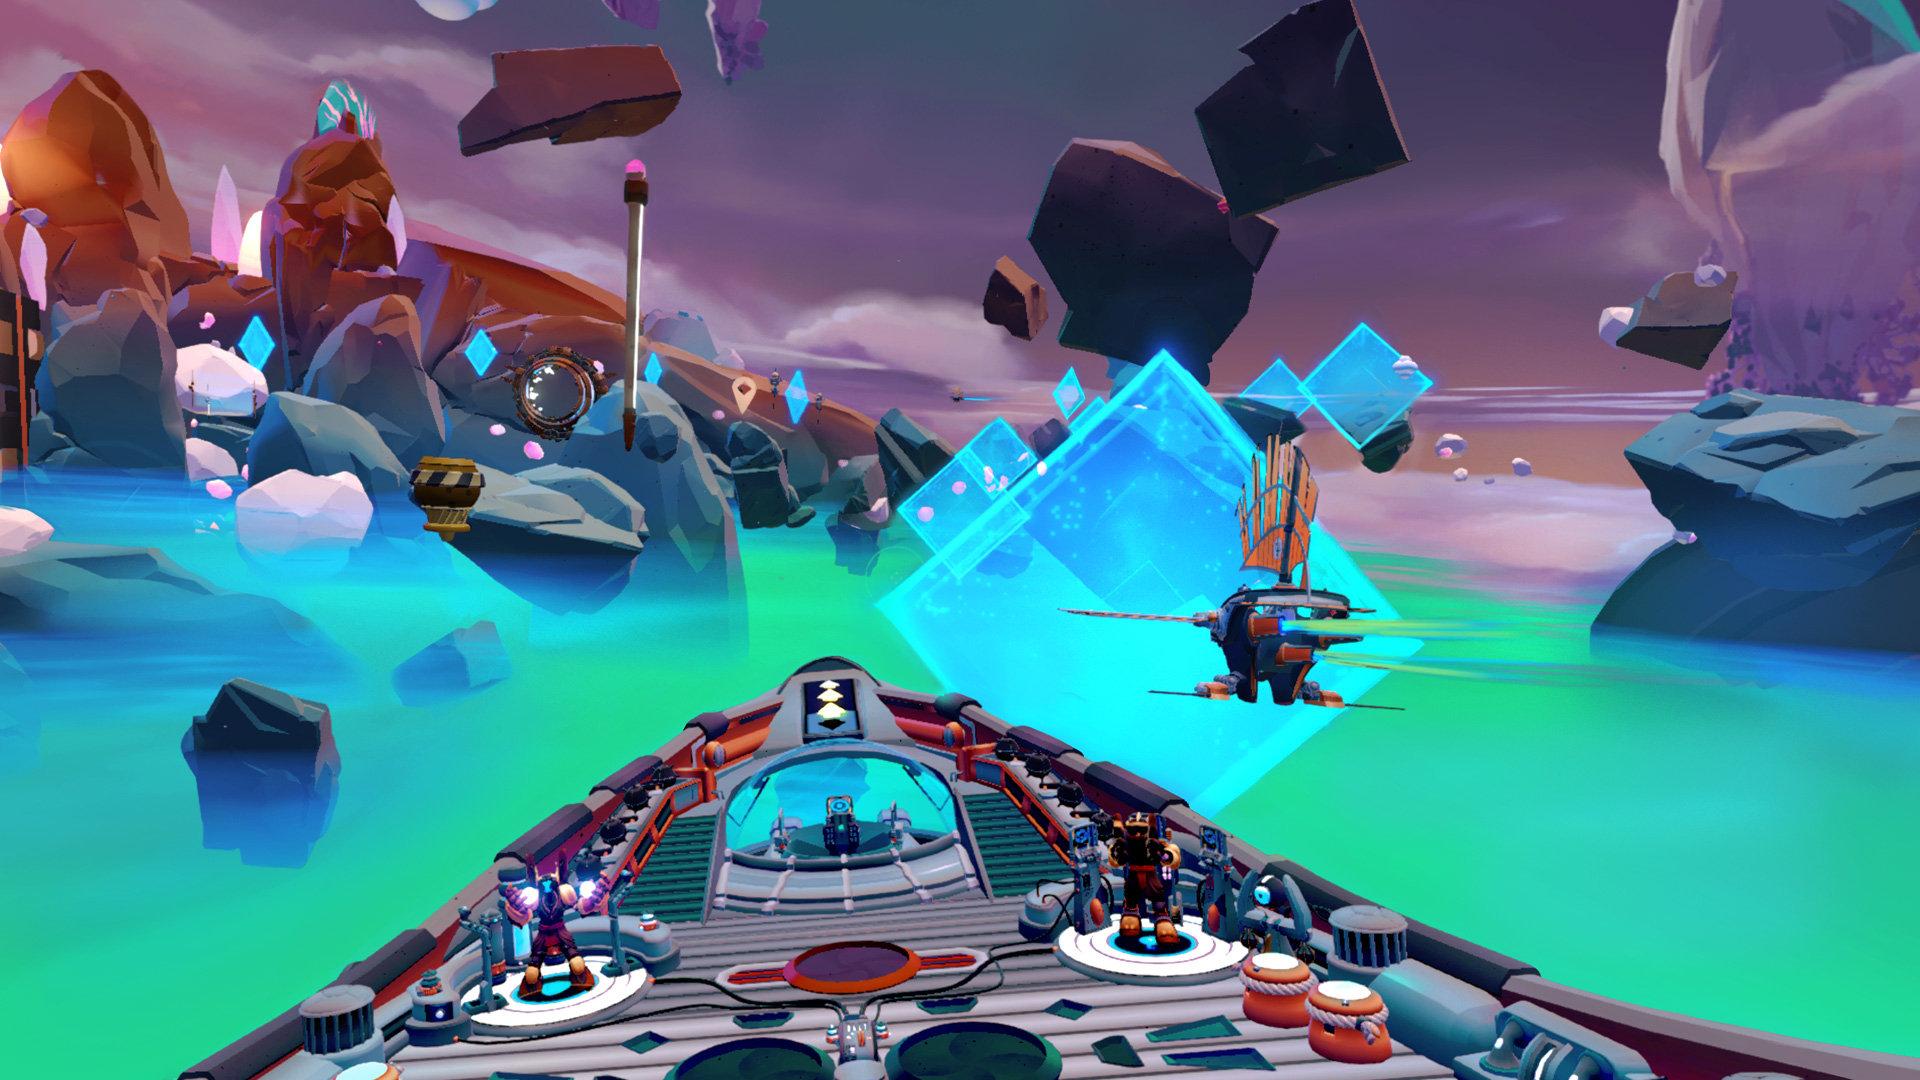 В Bow to Blood для PS VR игрок будет подчиняться смотрителям и убивать других игроков